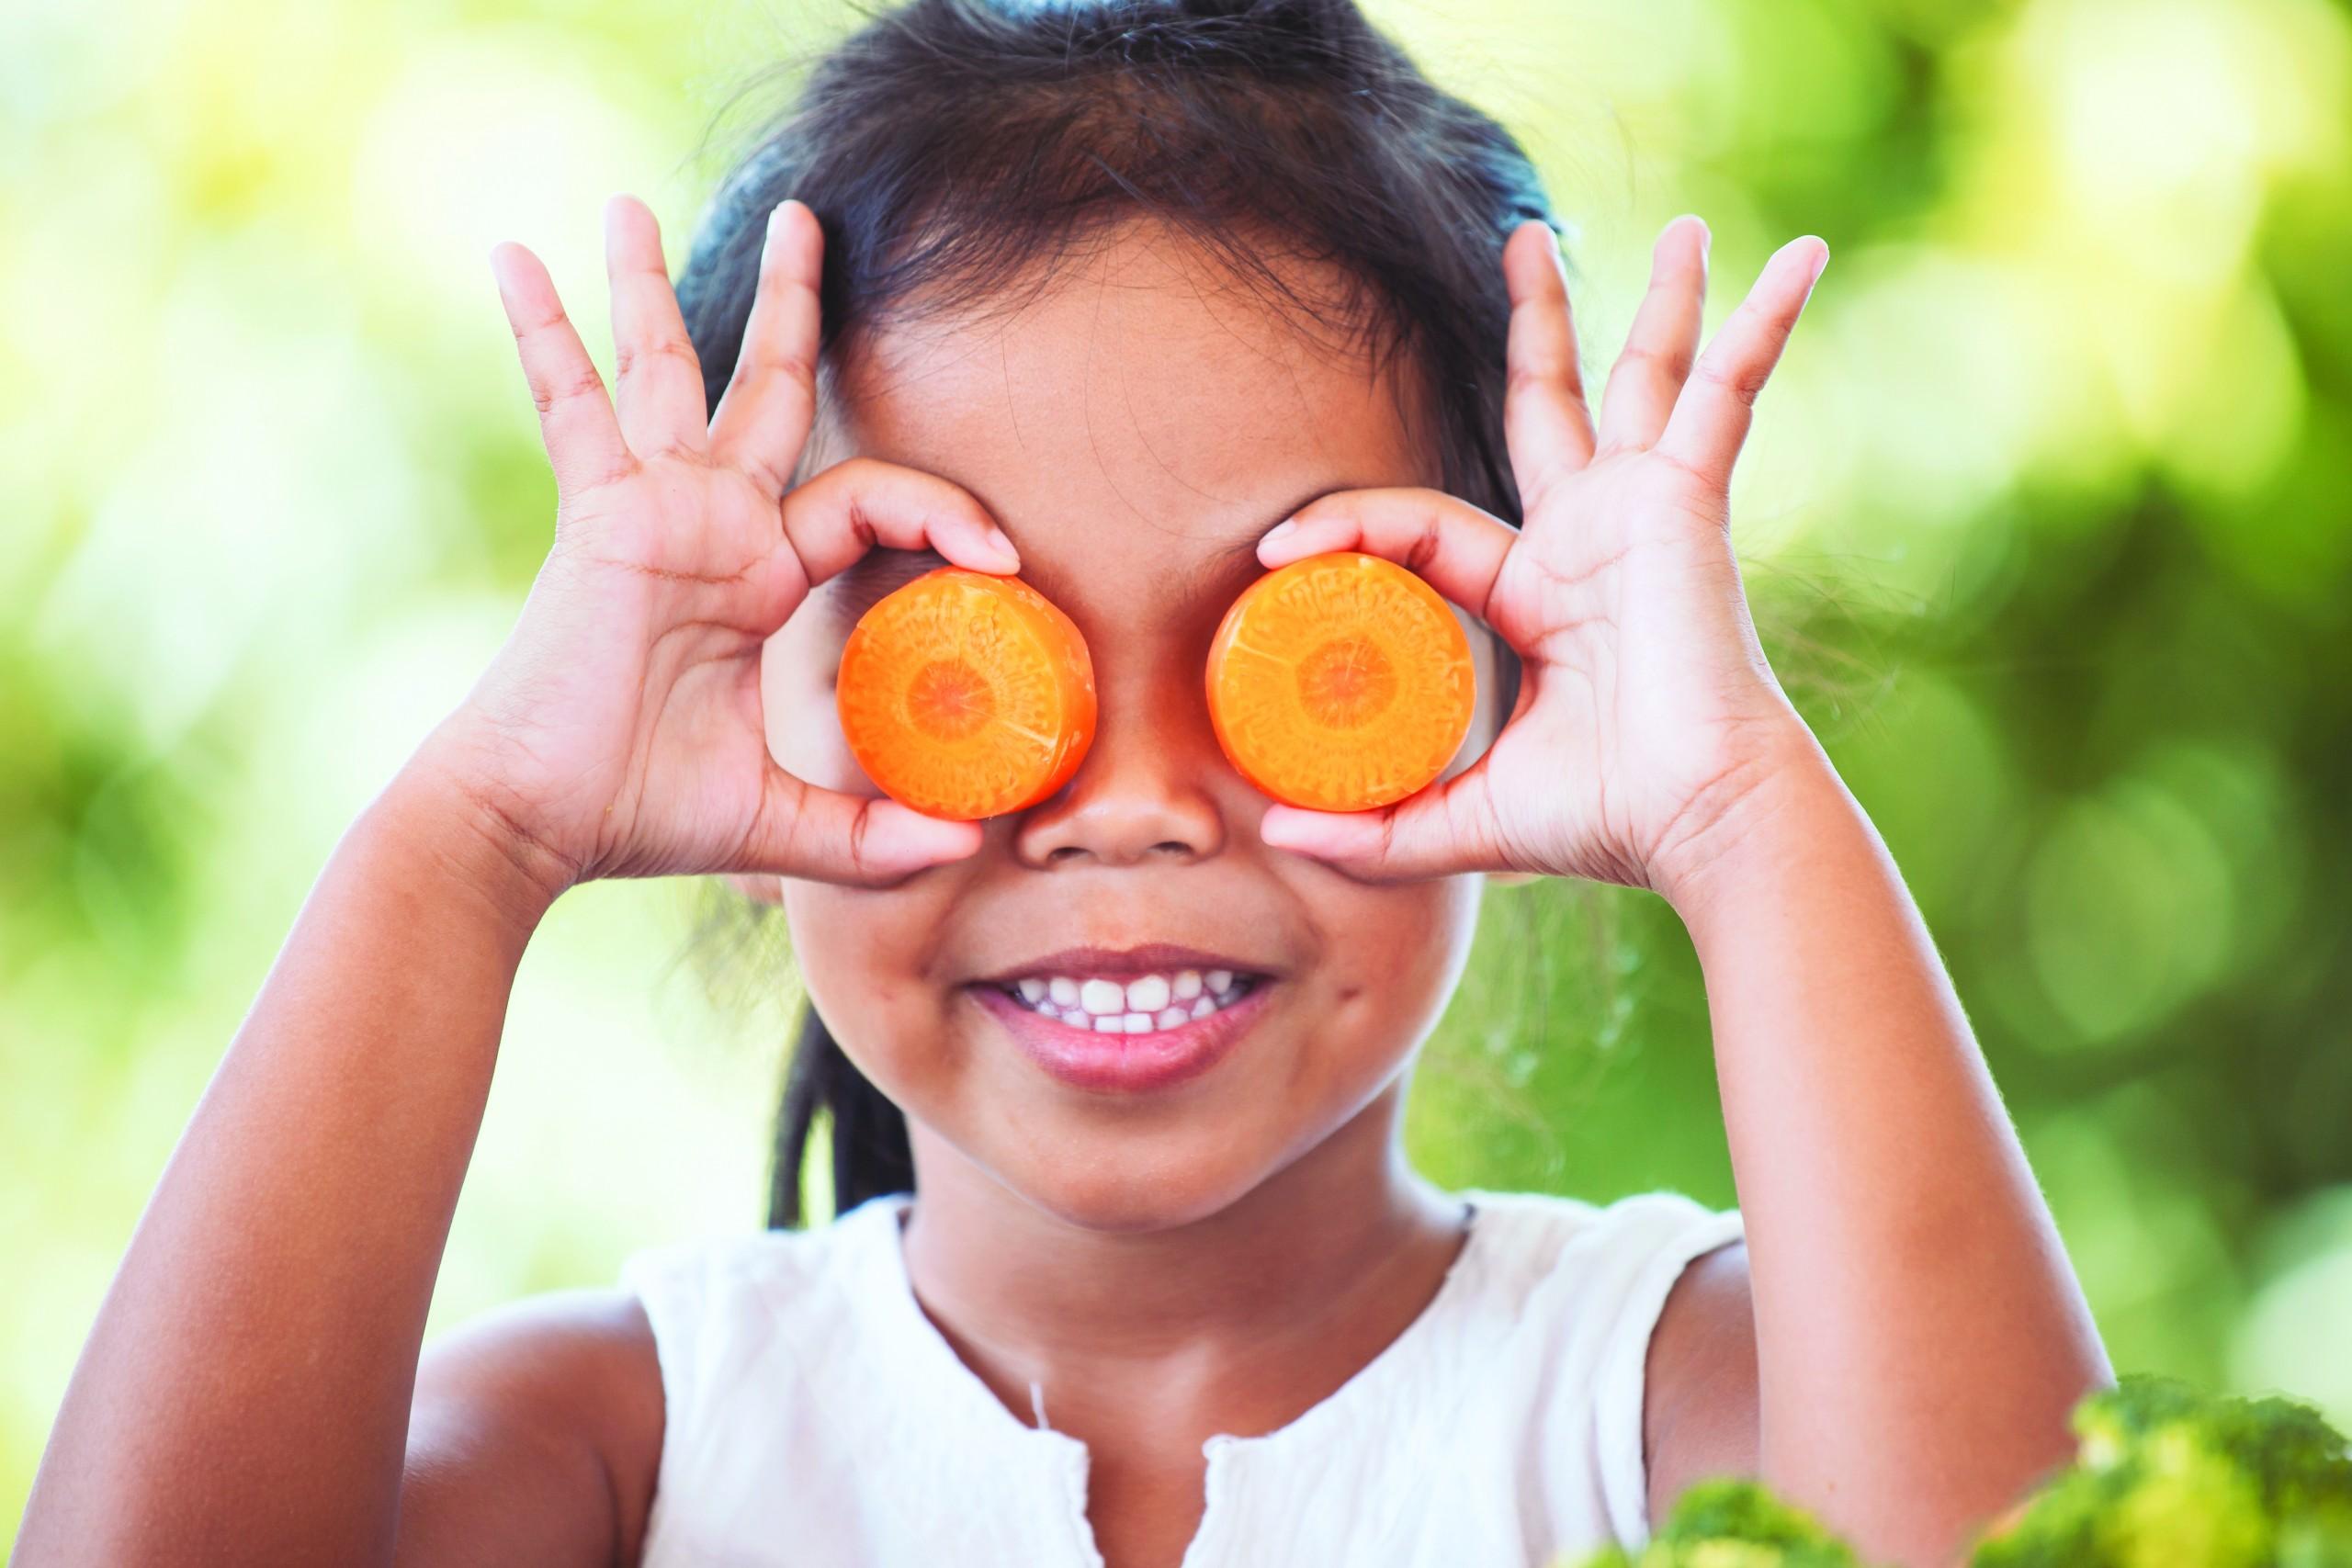 cute girl covering eyes with fruit like binoculars